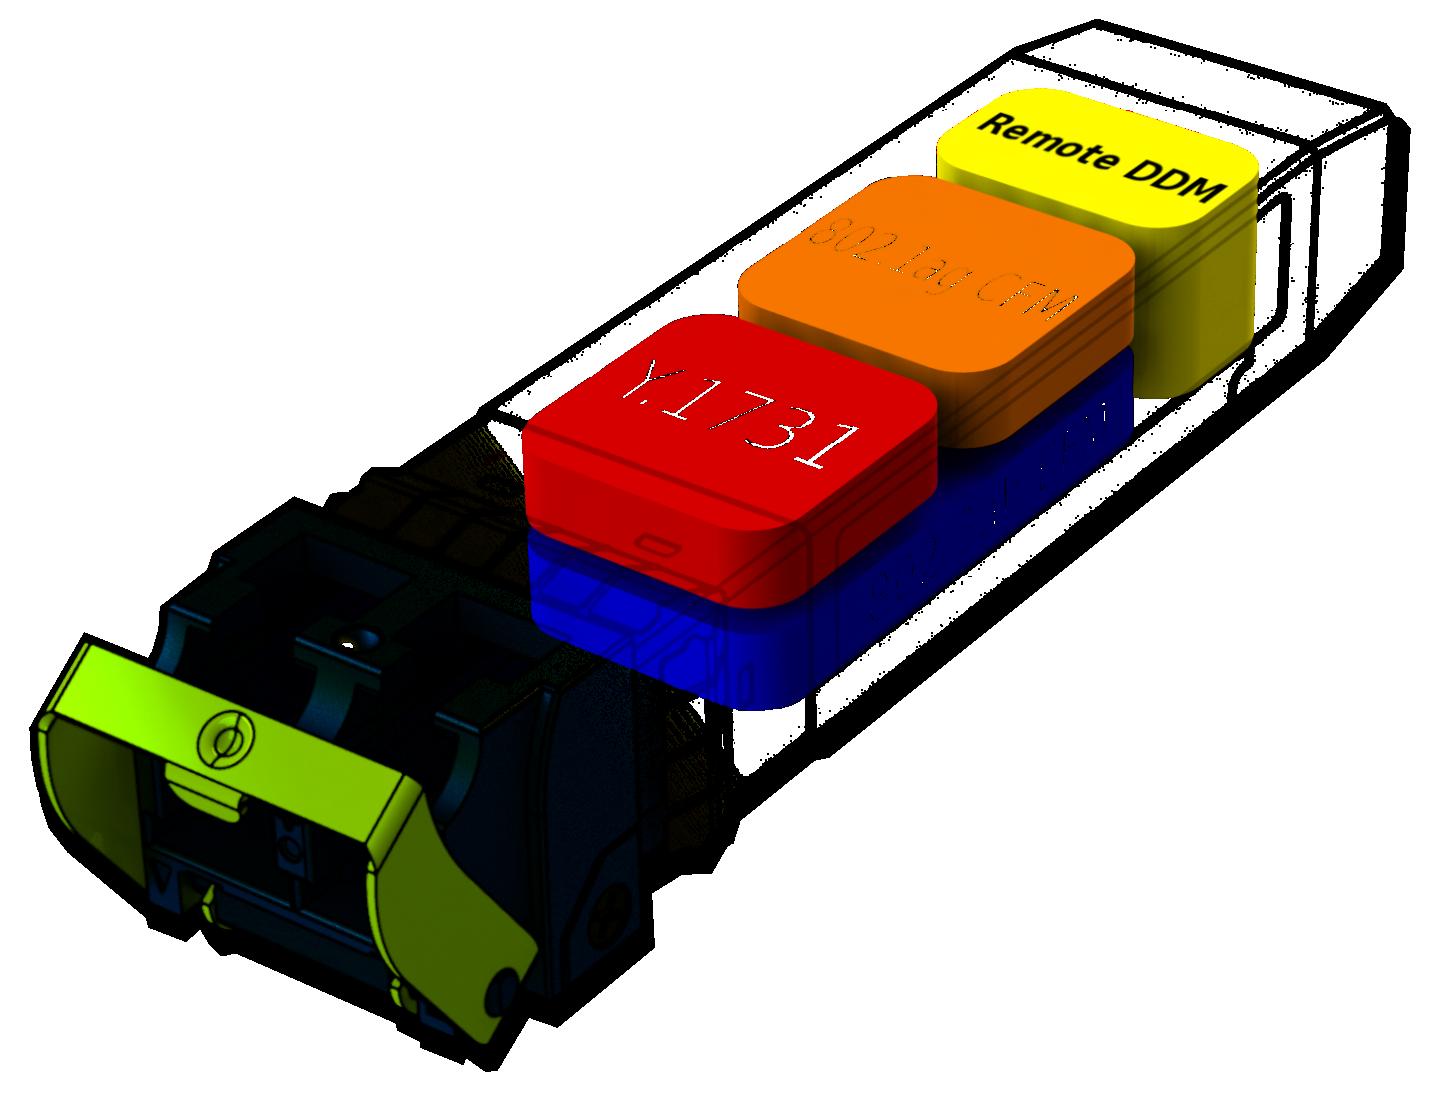 SFP module slot Gigabit Ethernet fiber media converter